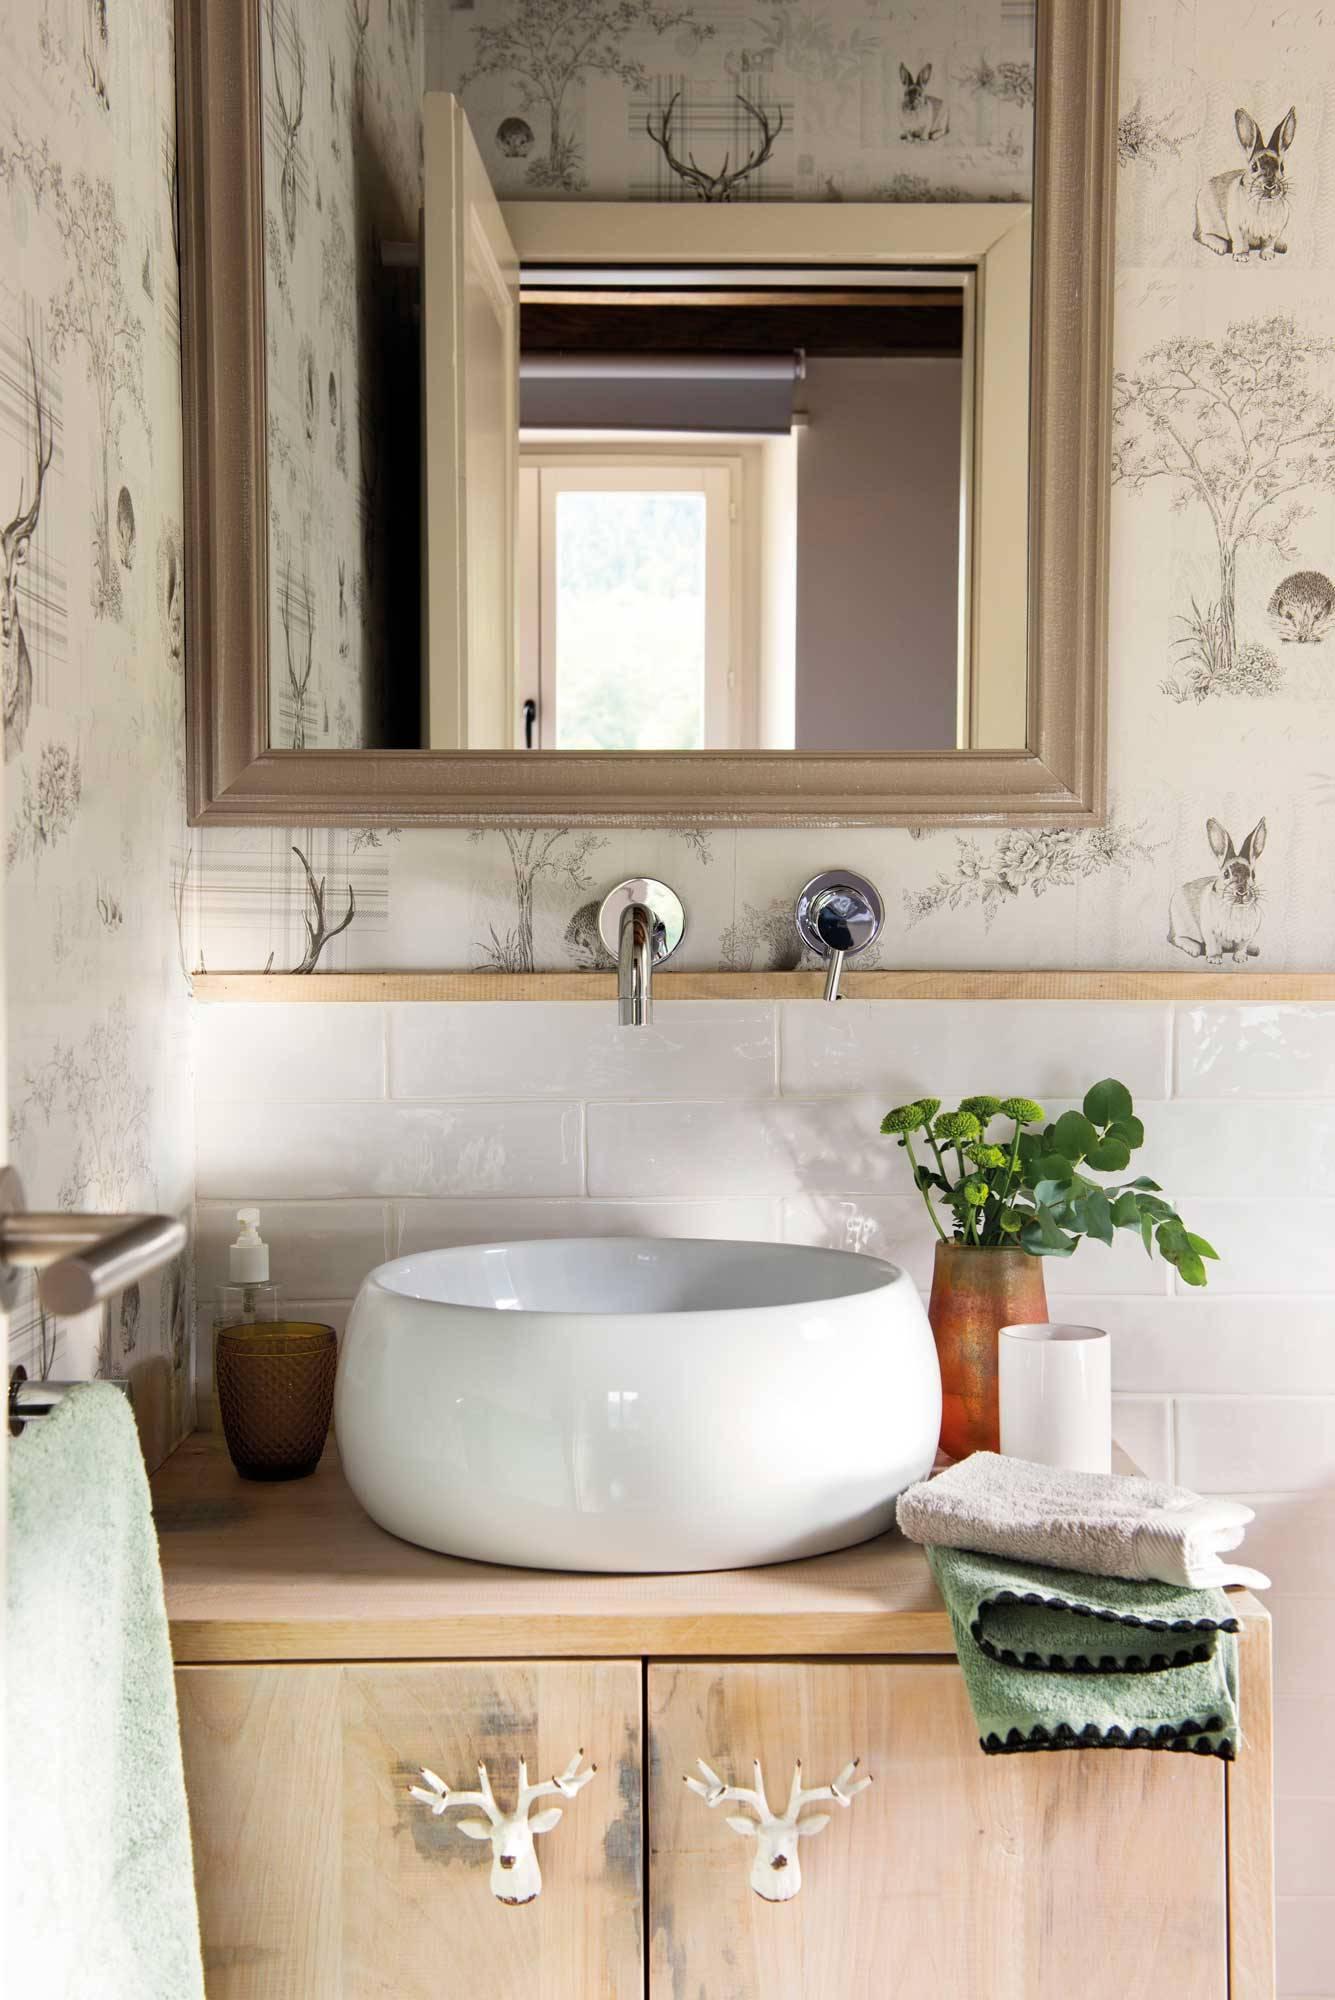 bano-mueble-madera-y-lavabo-sobreencimera 00499148. Baños como zonas de bienestar